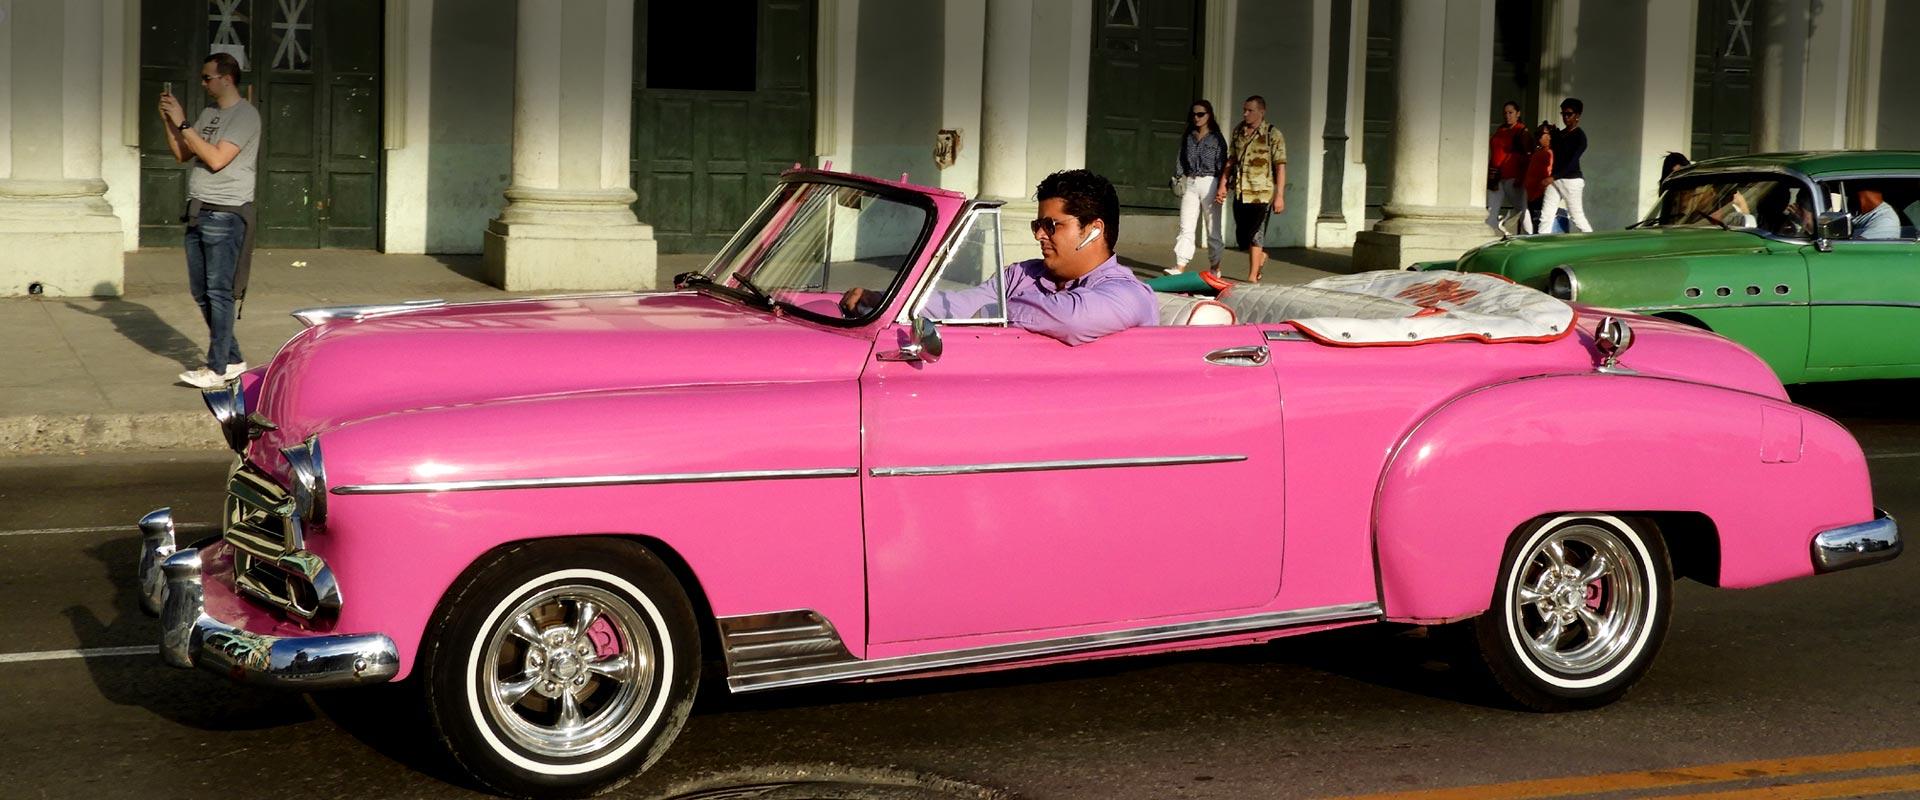 Taxi Havana - Chevrolet 1950 convertible